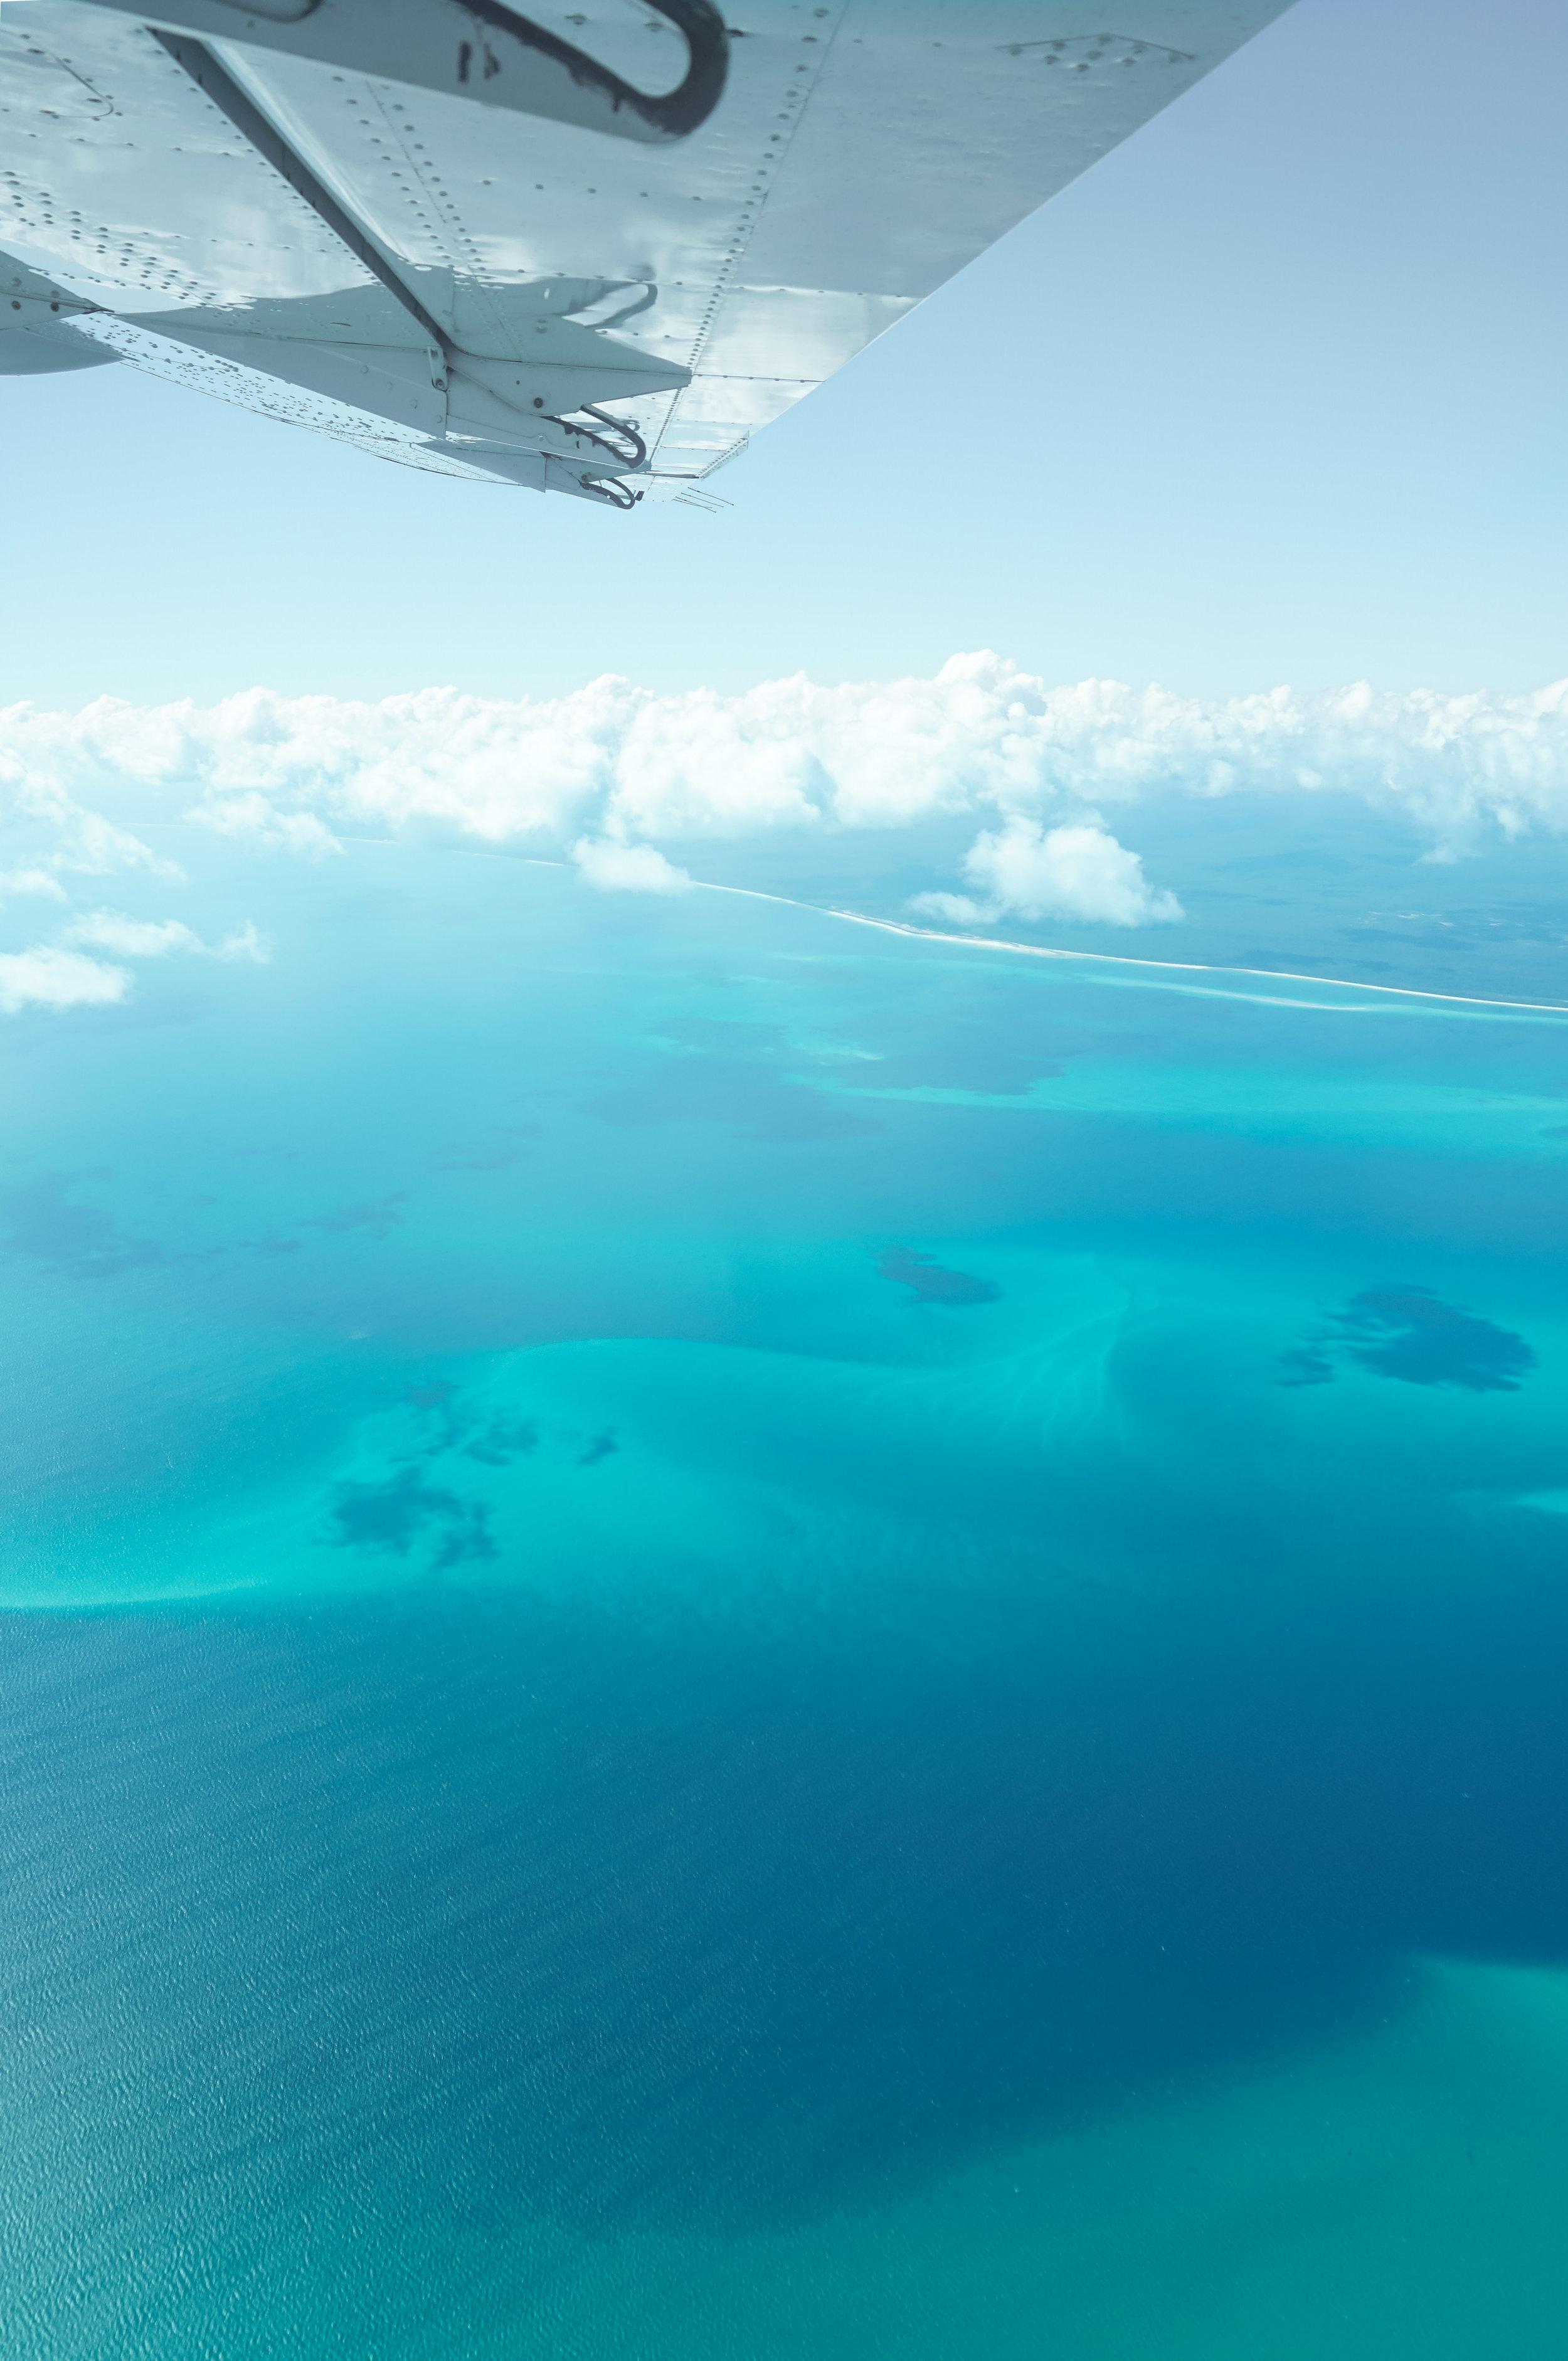 curio.trips.australia.great.barrier.reef.flight.plane.wing.view.portrait.jpg